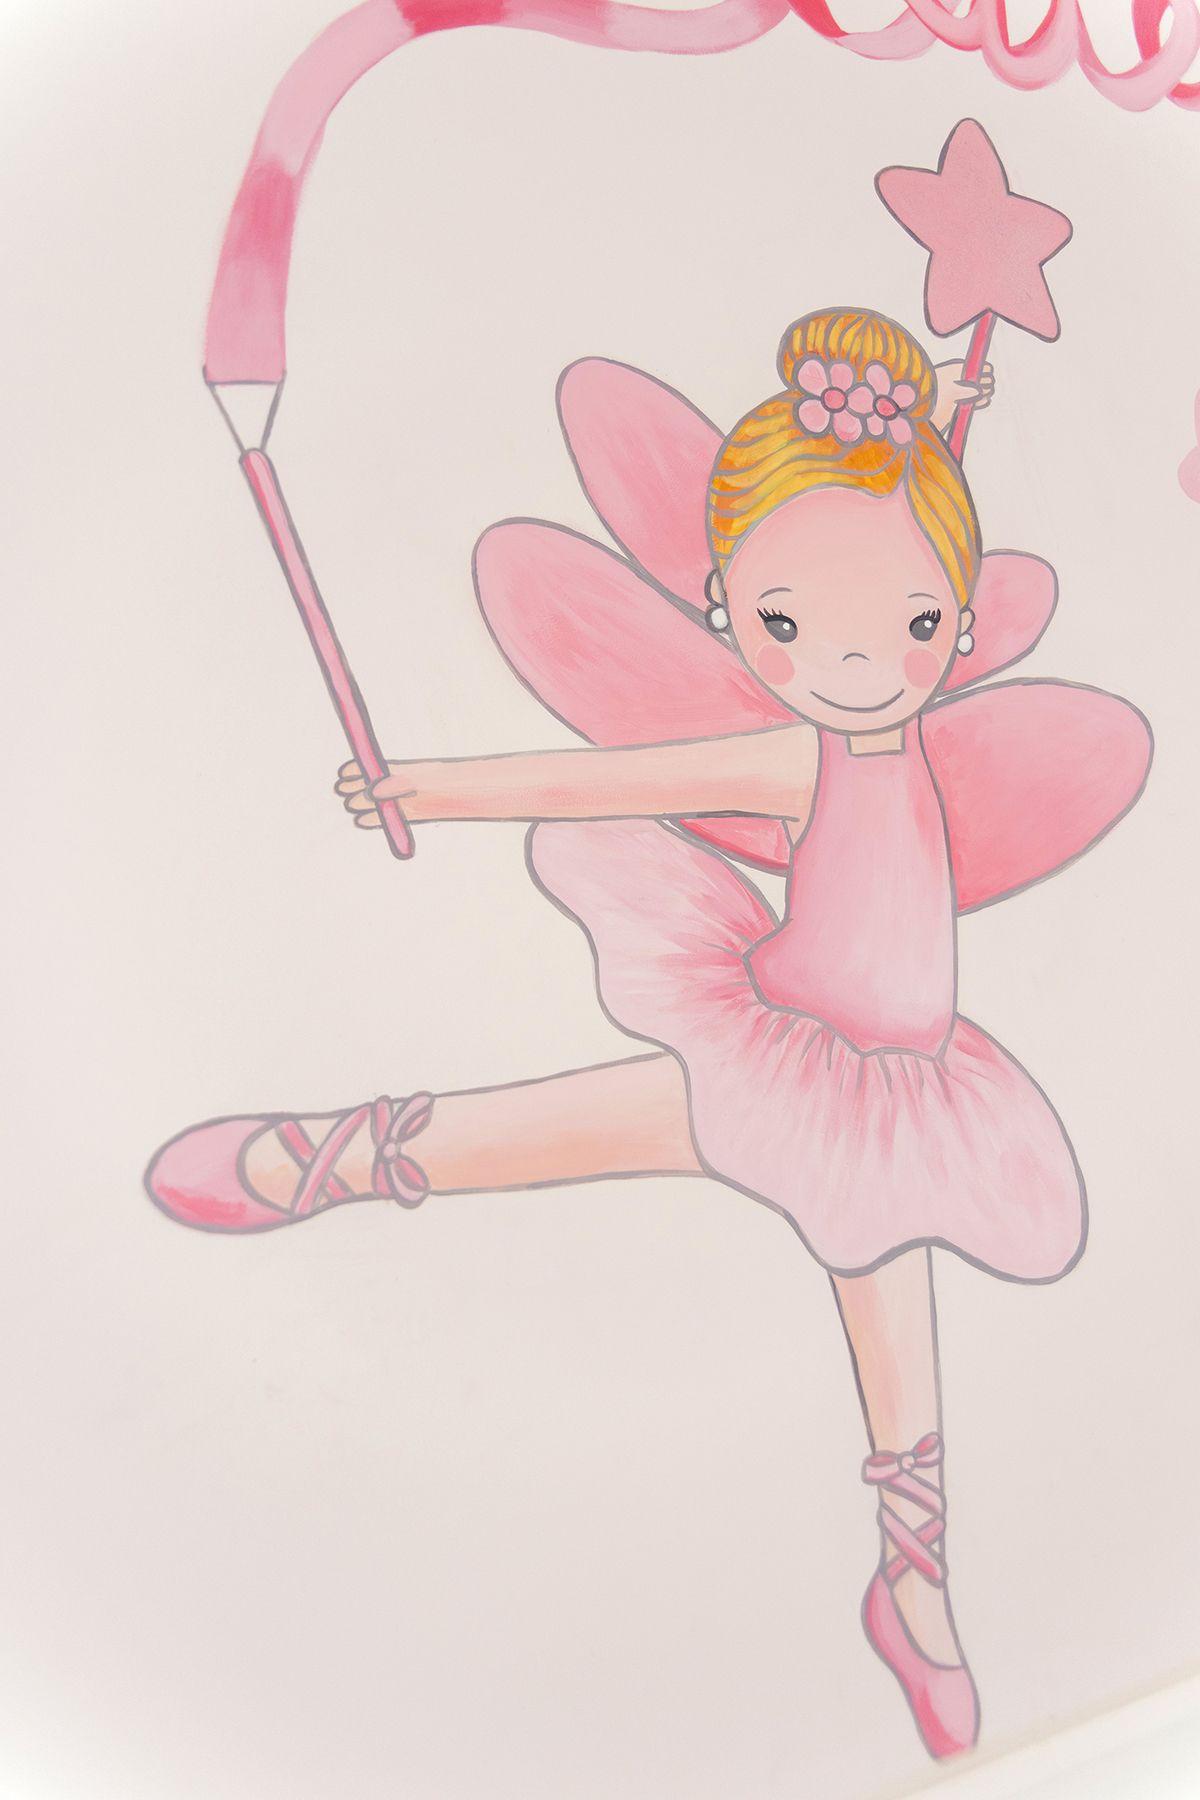 Detalle pintura mural - habitación infantil, princesa, hada y bailarina.